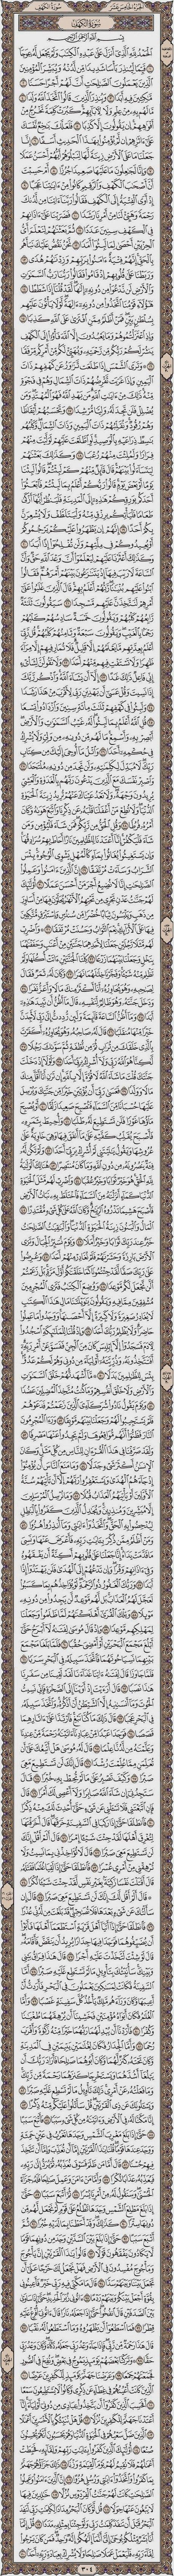 سورة الكهف كاملة للقراءة مباشرة تم اضافة زر تحميل Surah Kahf Islamic Phrases Quran Surah